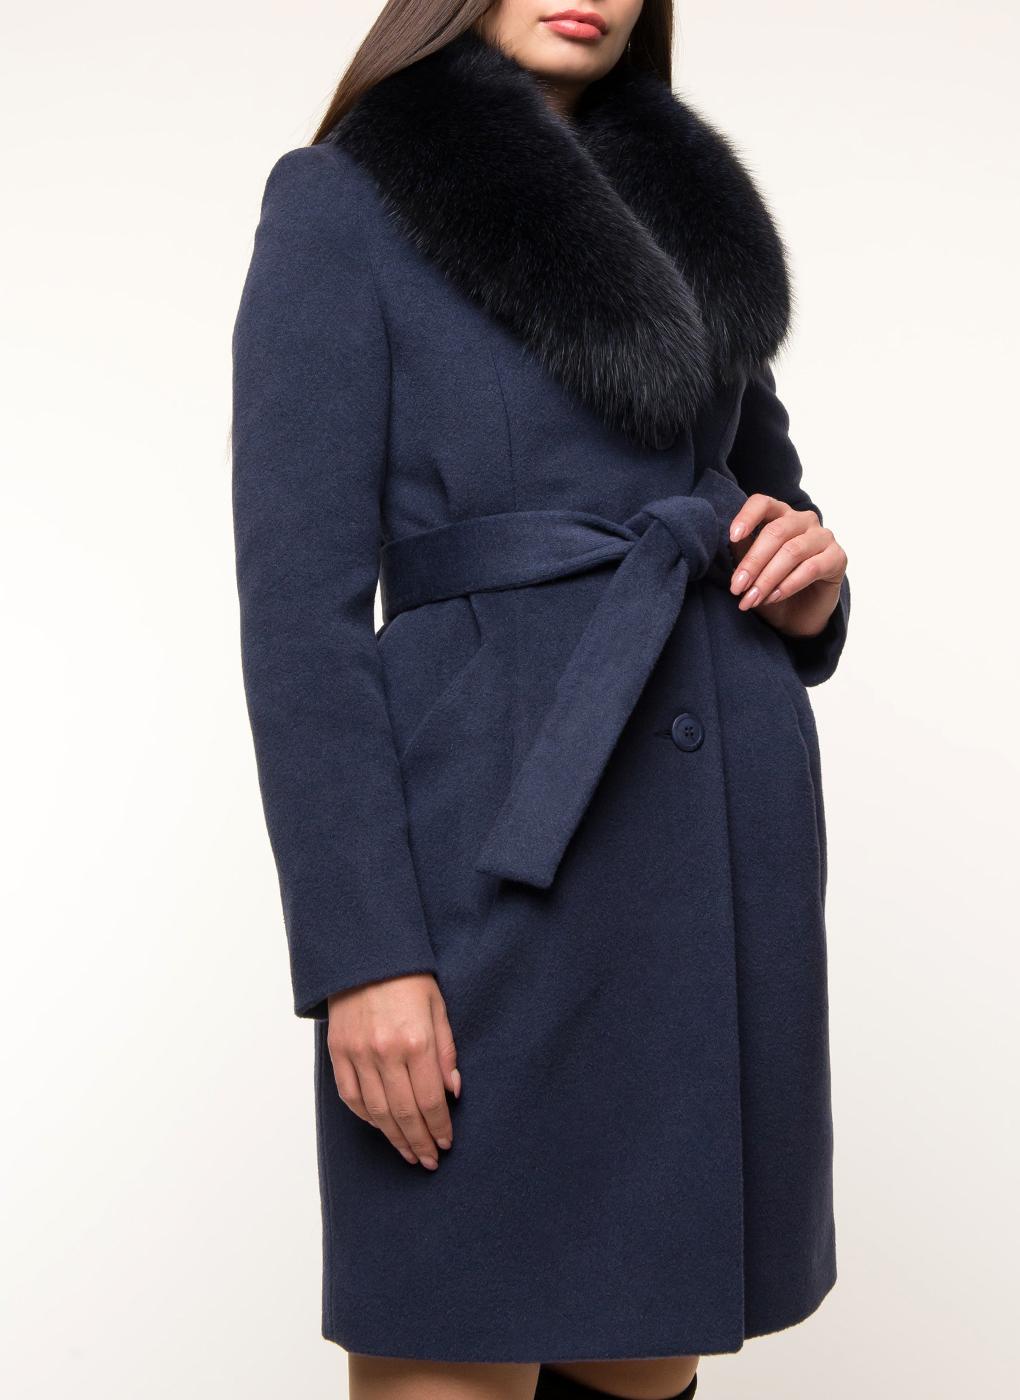 Пальто шерстяное 86, Bella collection